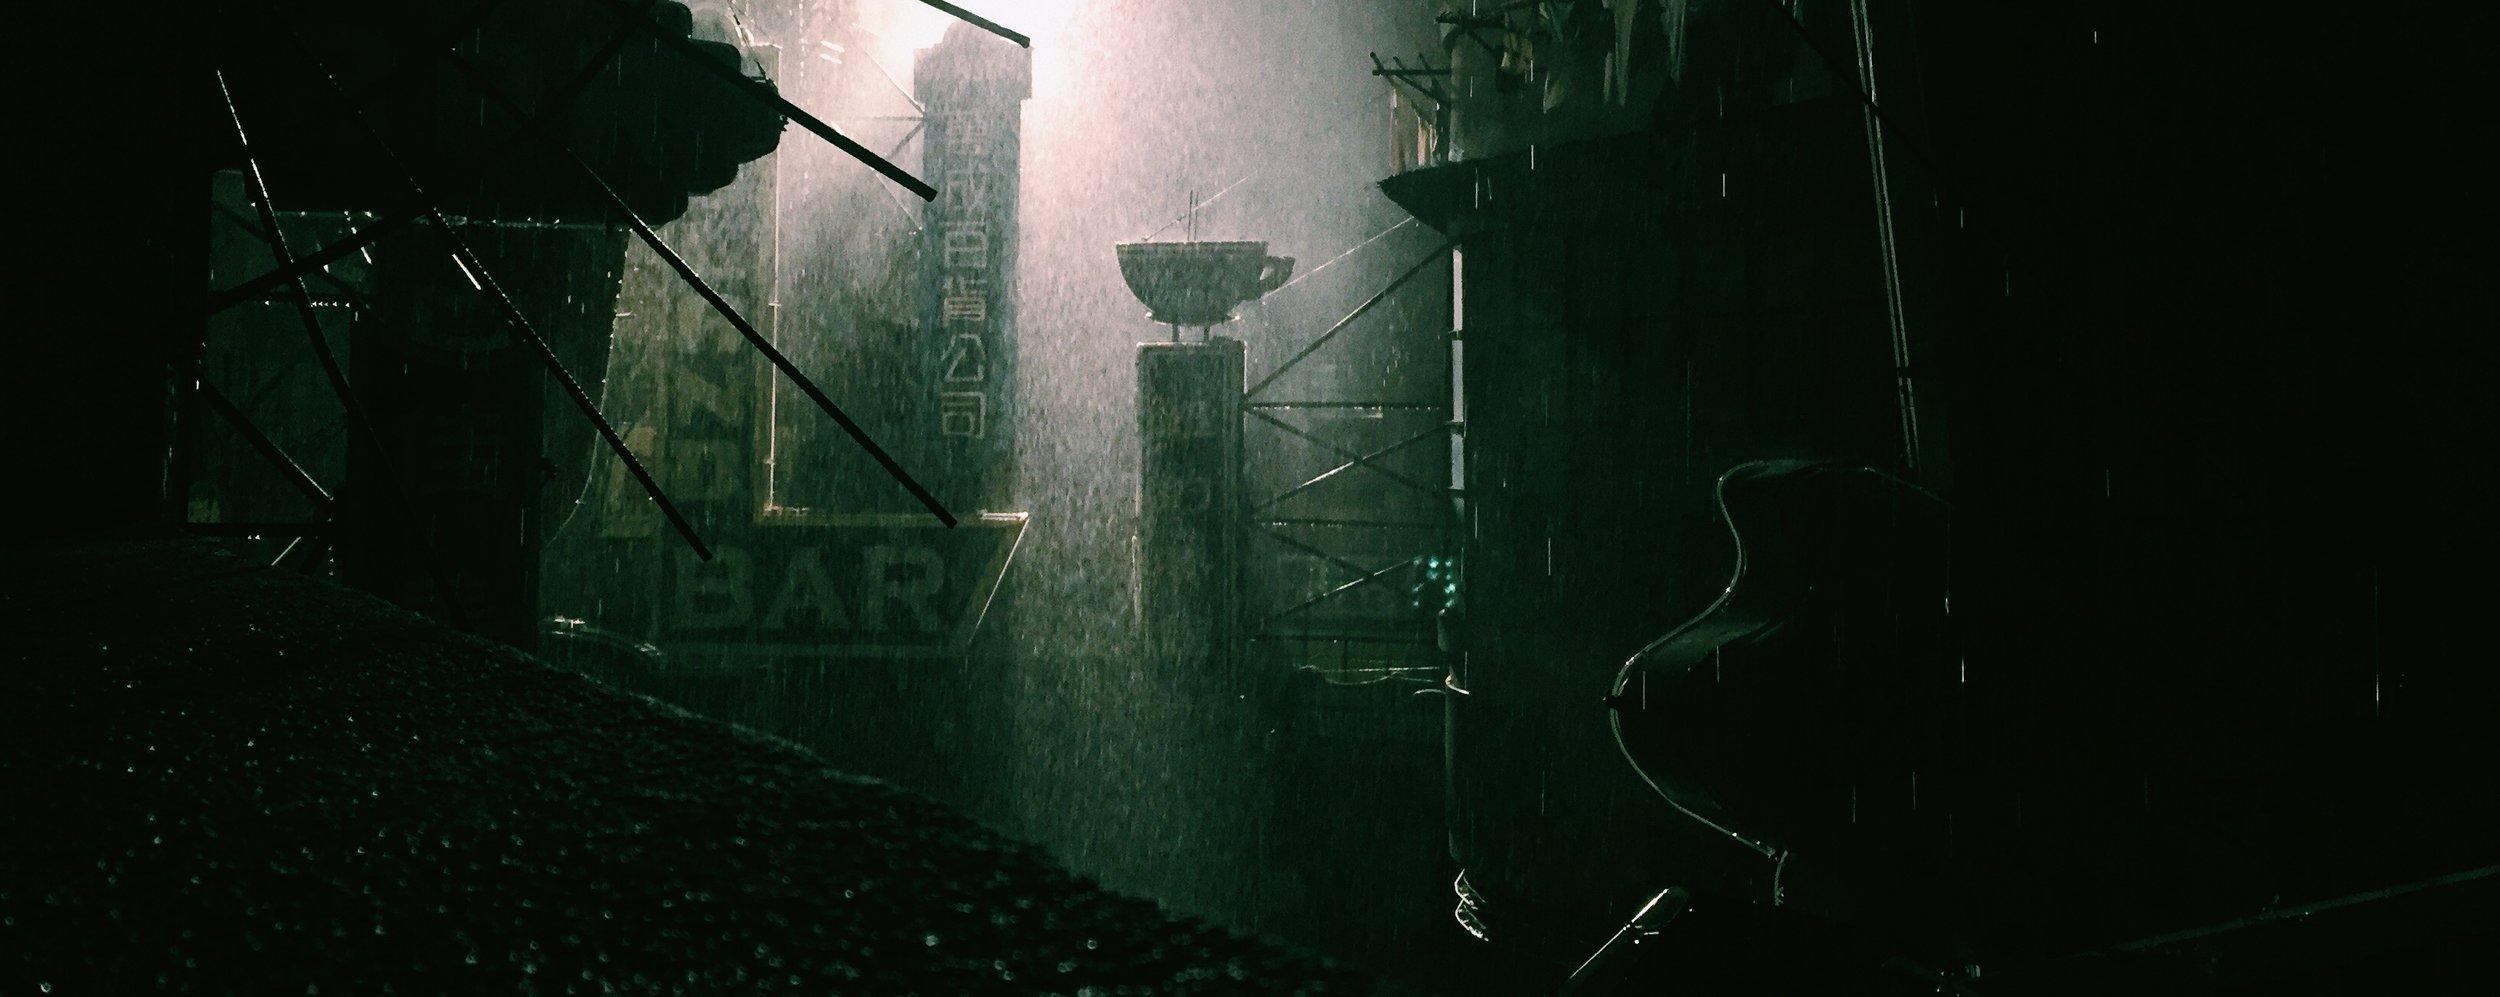 Rainy nights